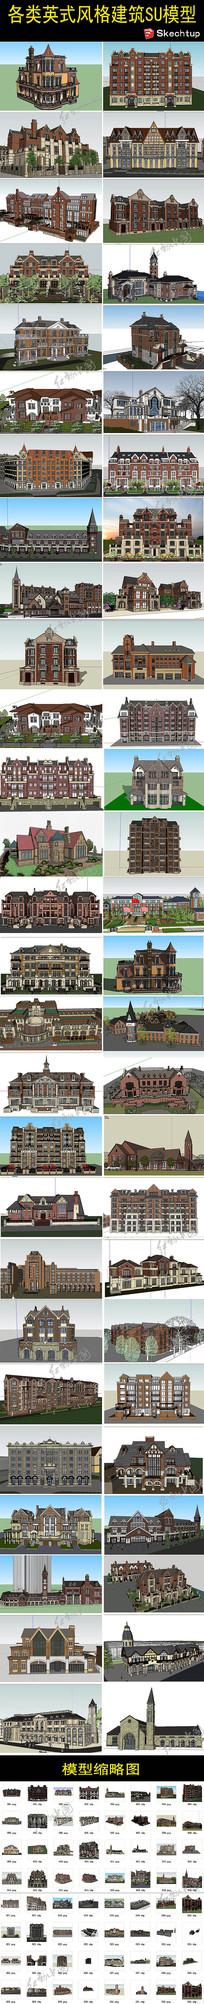 各类型英式建筑SU模型